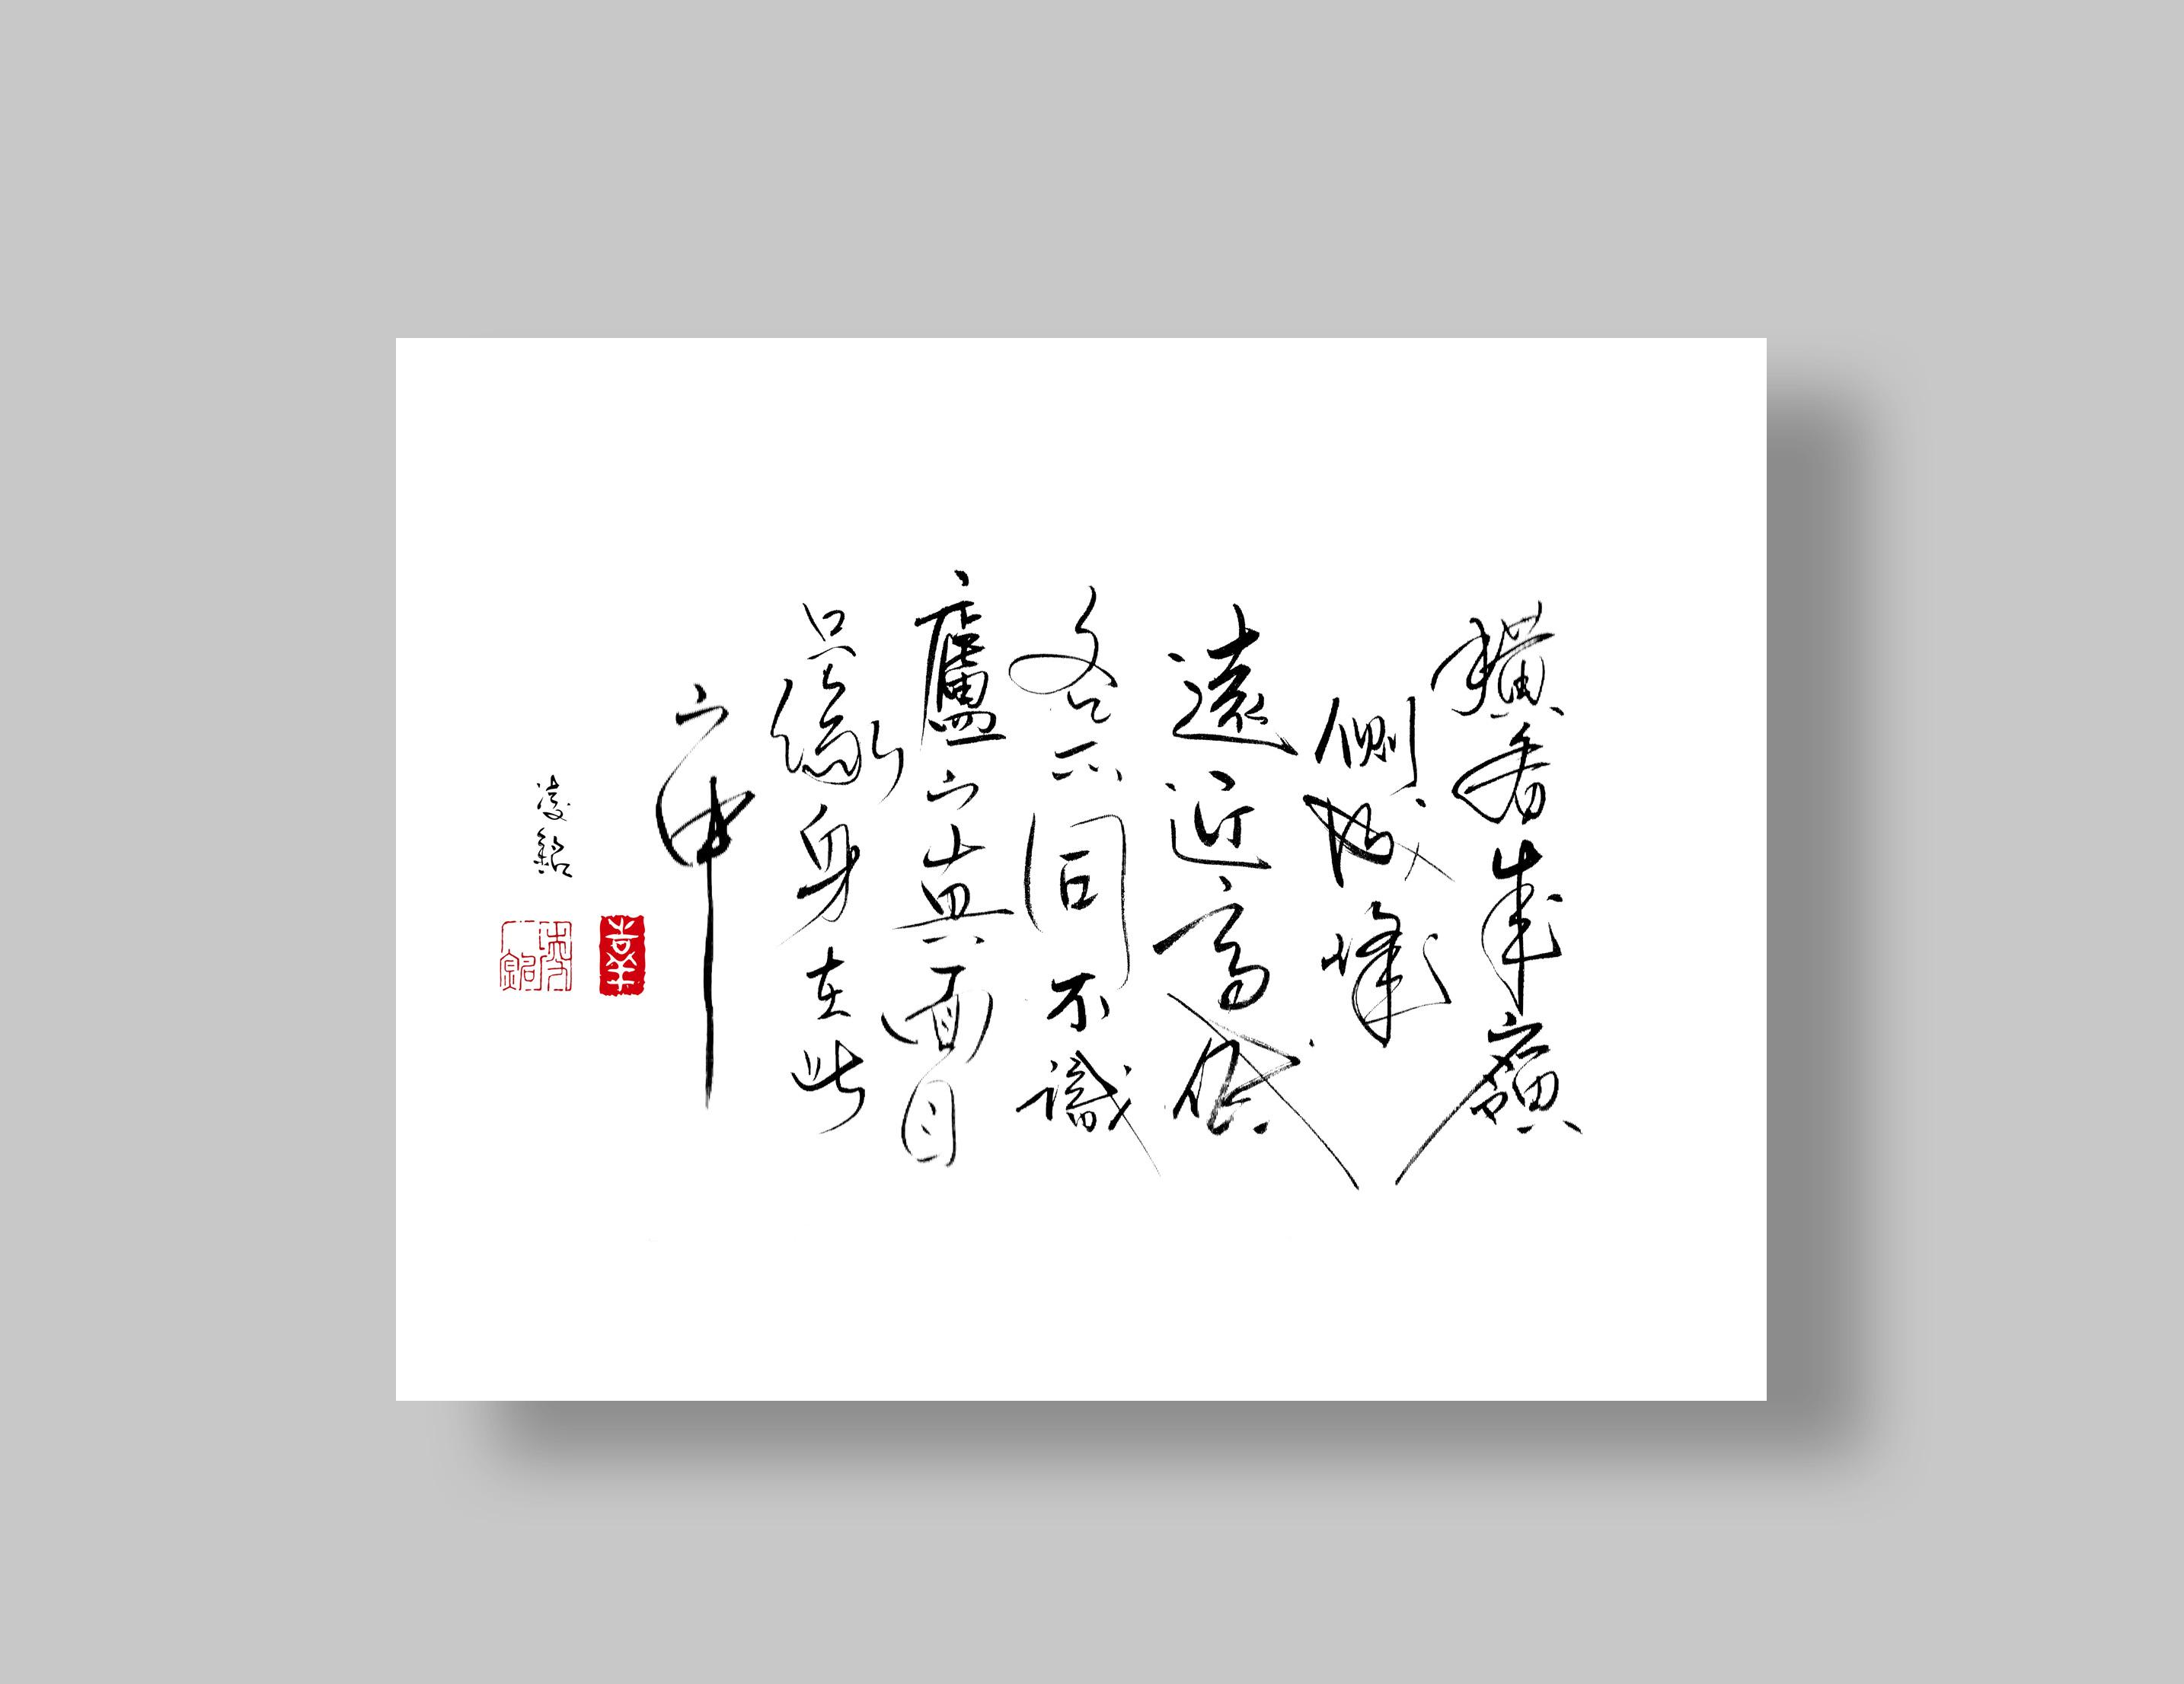 橫看成嶺側成峰_凌銘.jpg